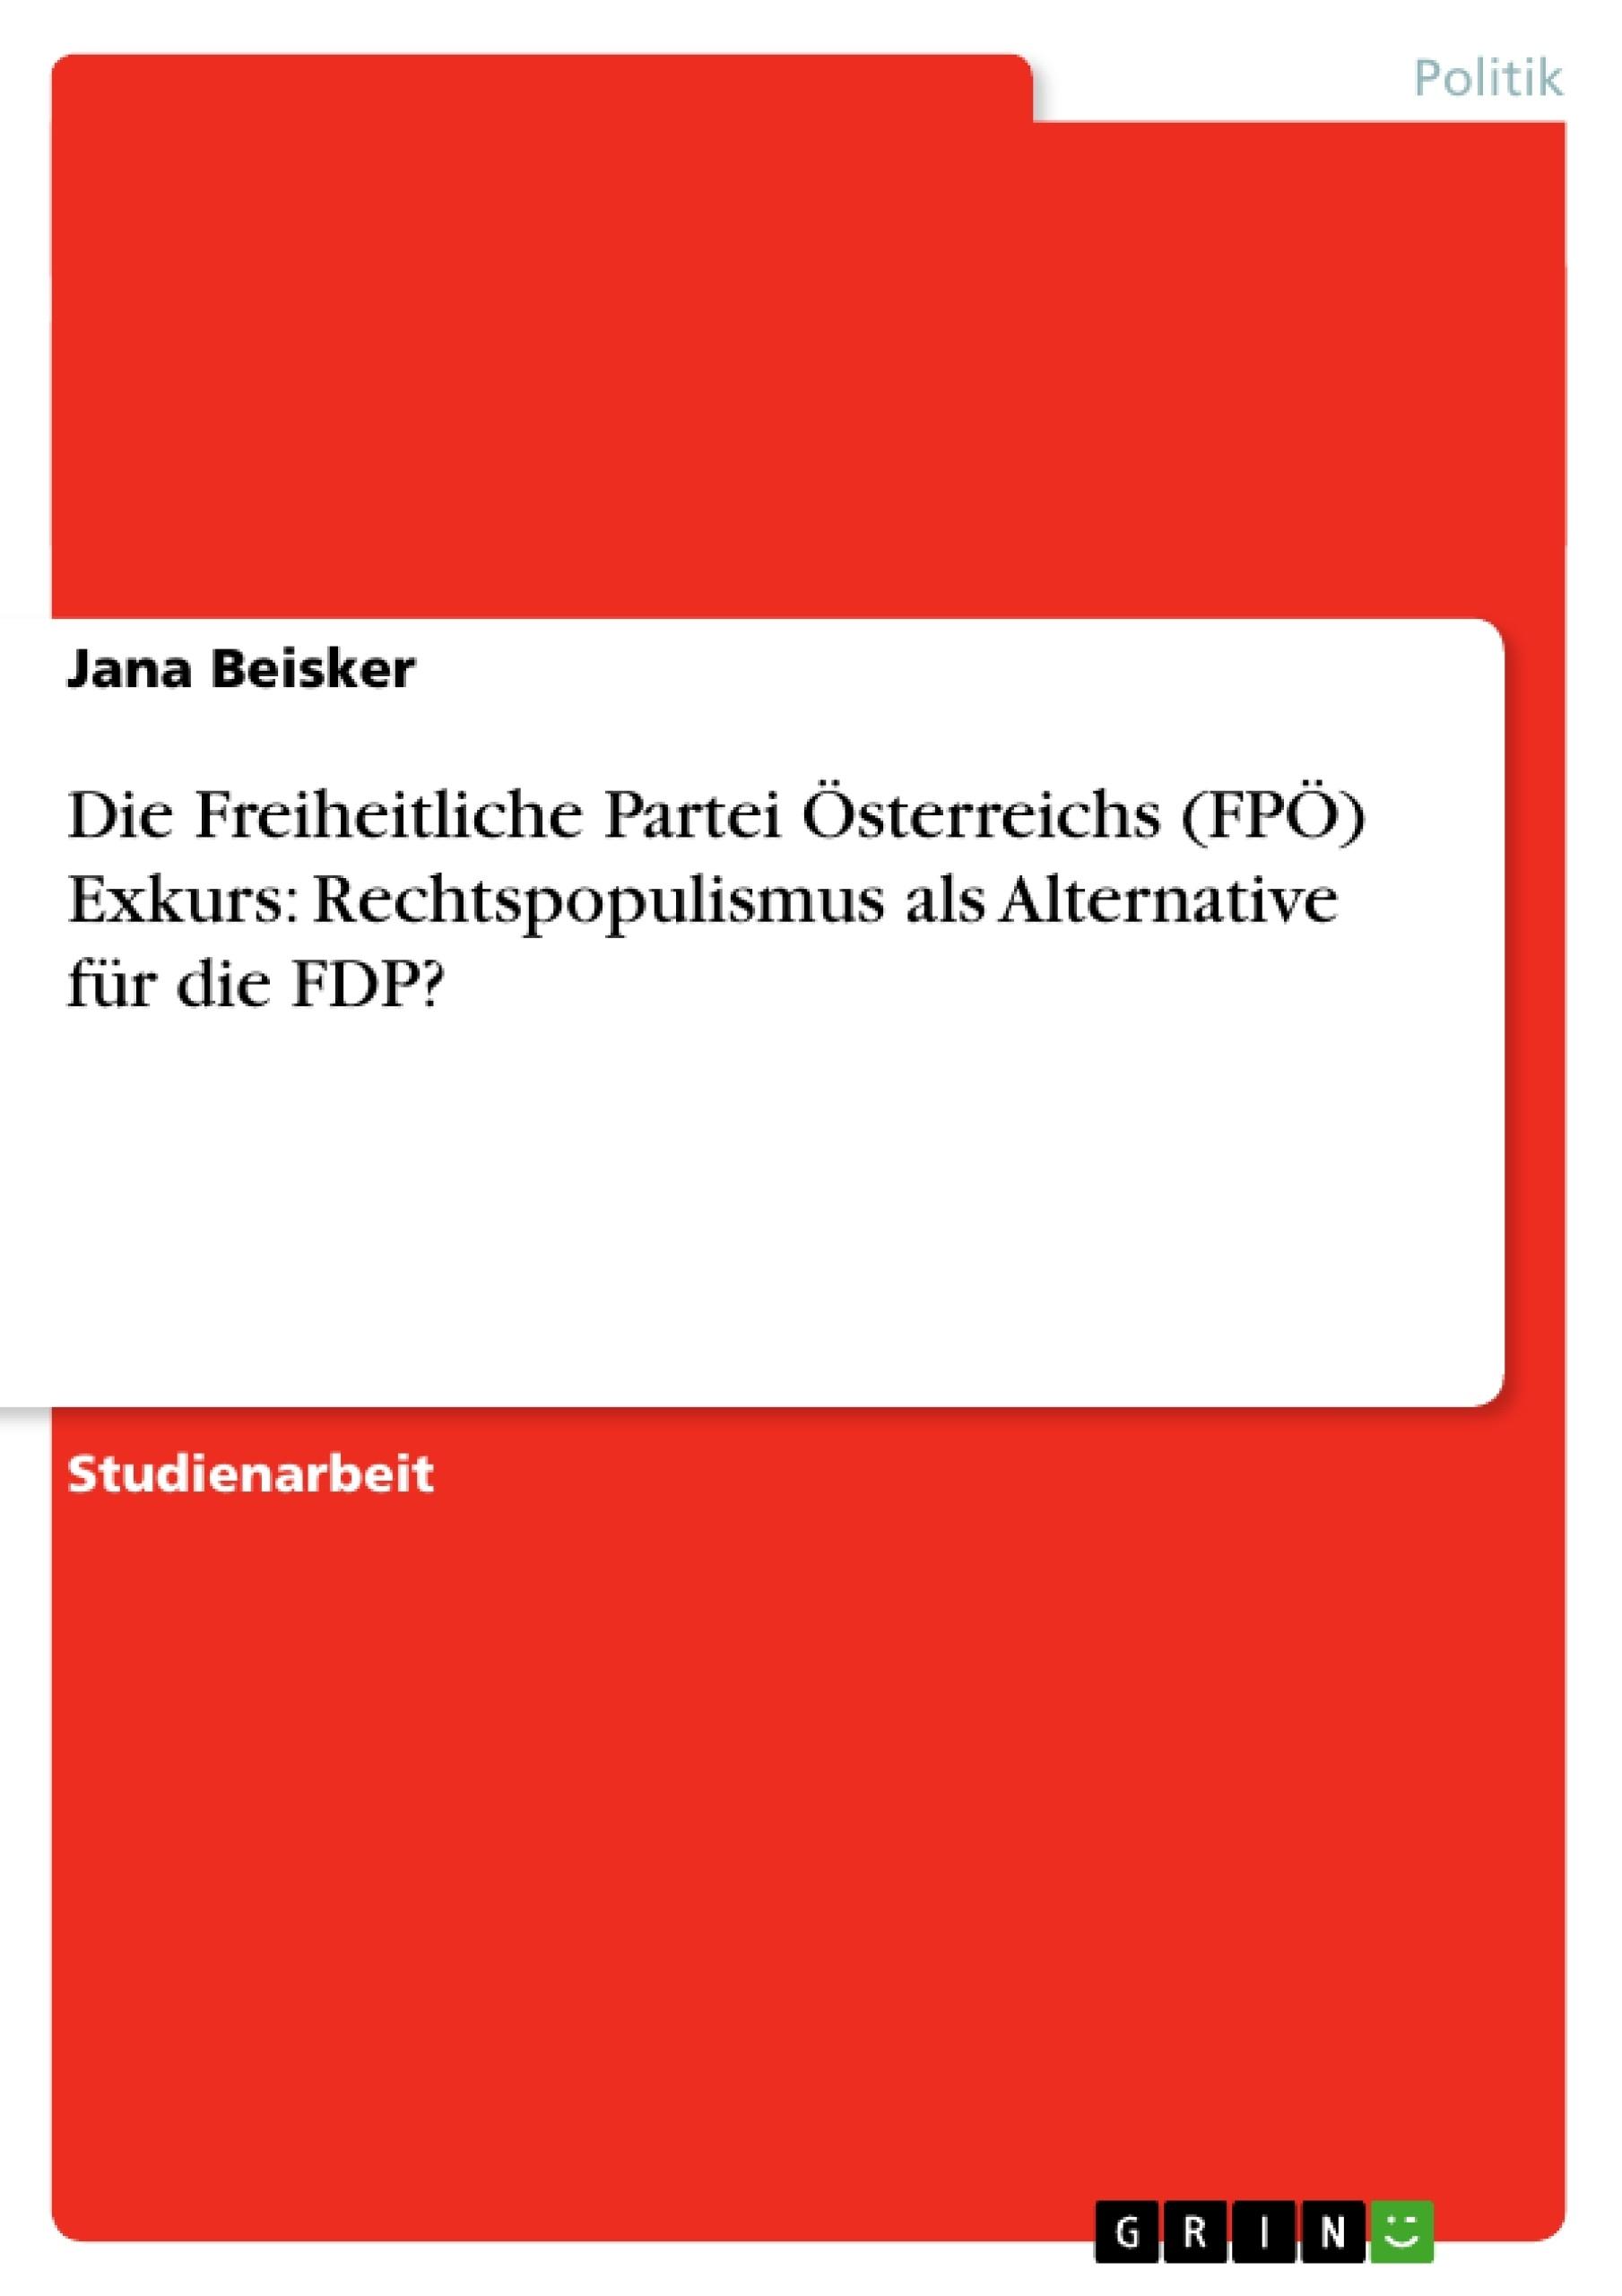 Titel: Die Freiheitliche Partei Österreichs (FPÖ) Exkurs: Rechtspopulismus als Alternative für die FDP?